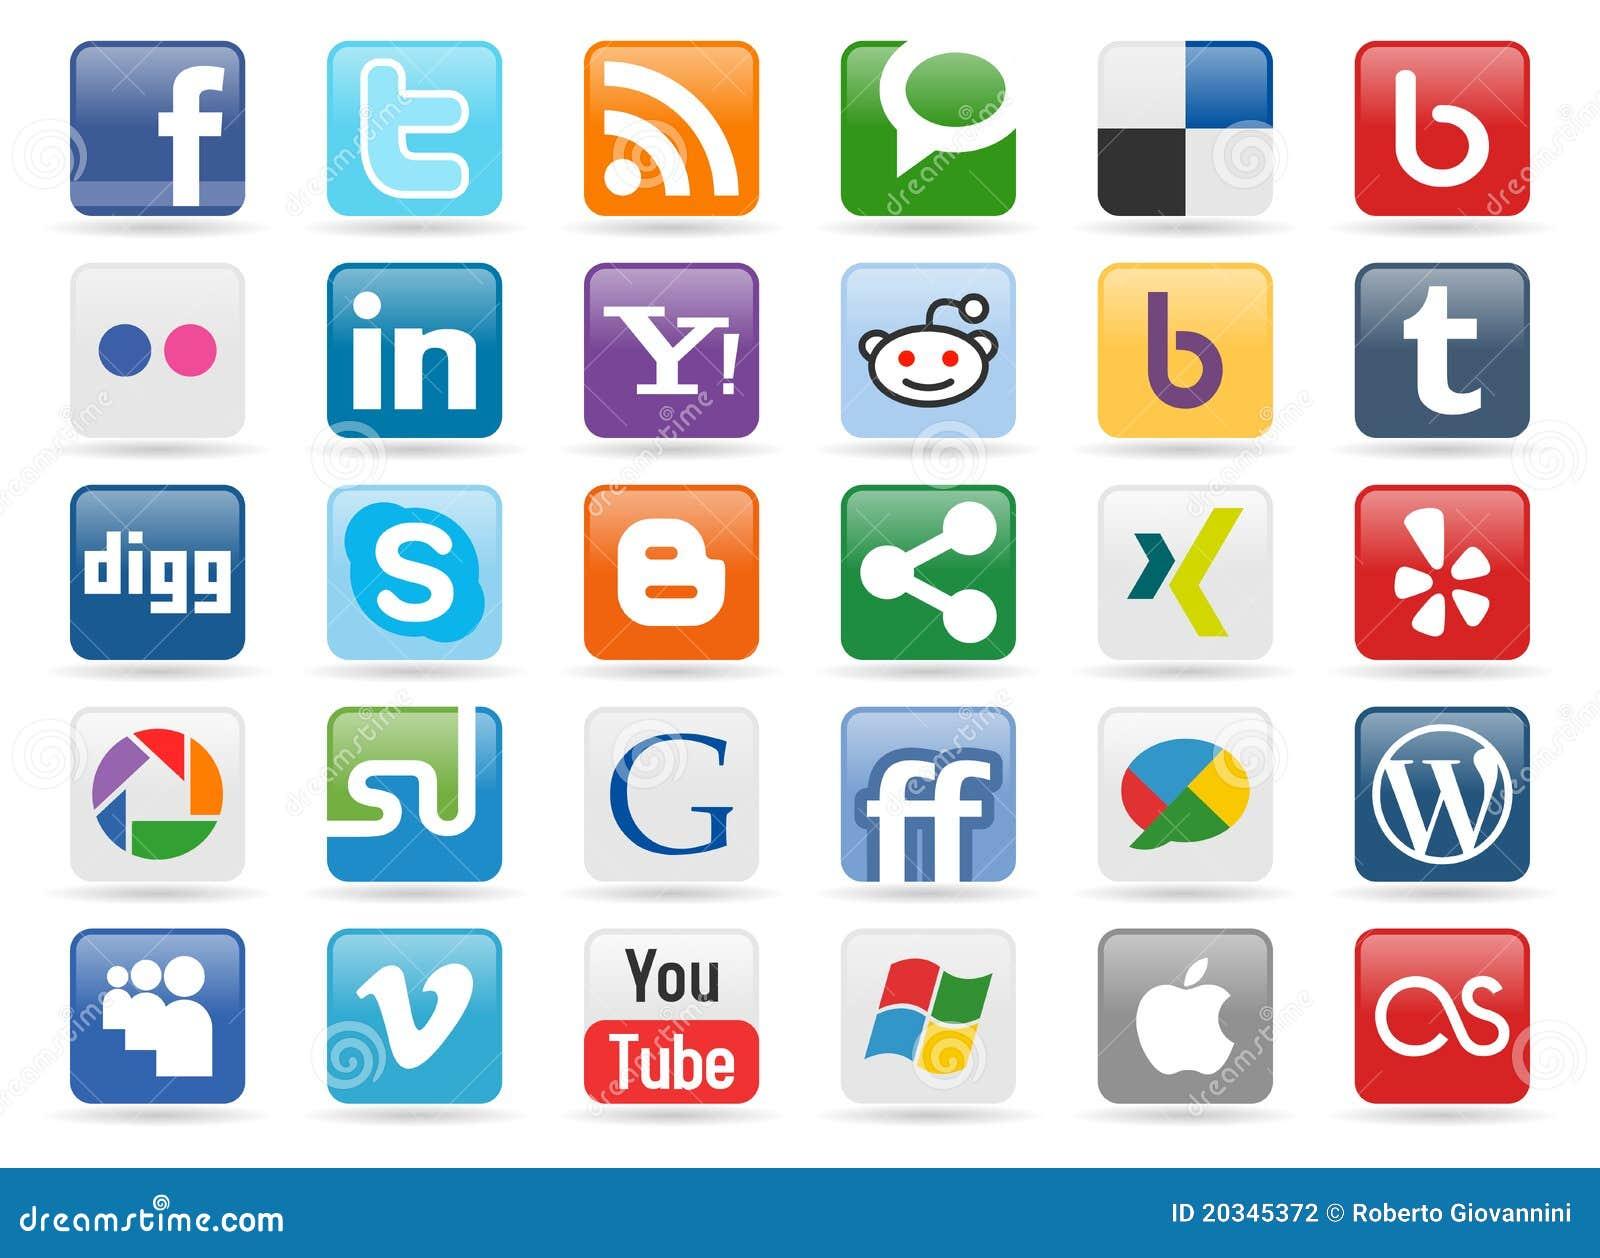 Social Media Buttons [1]